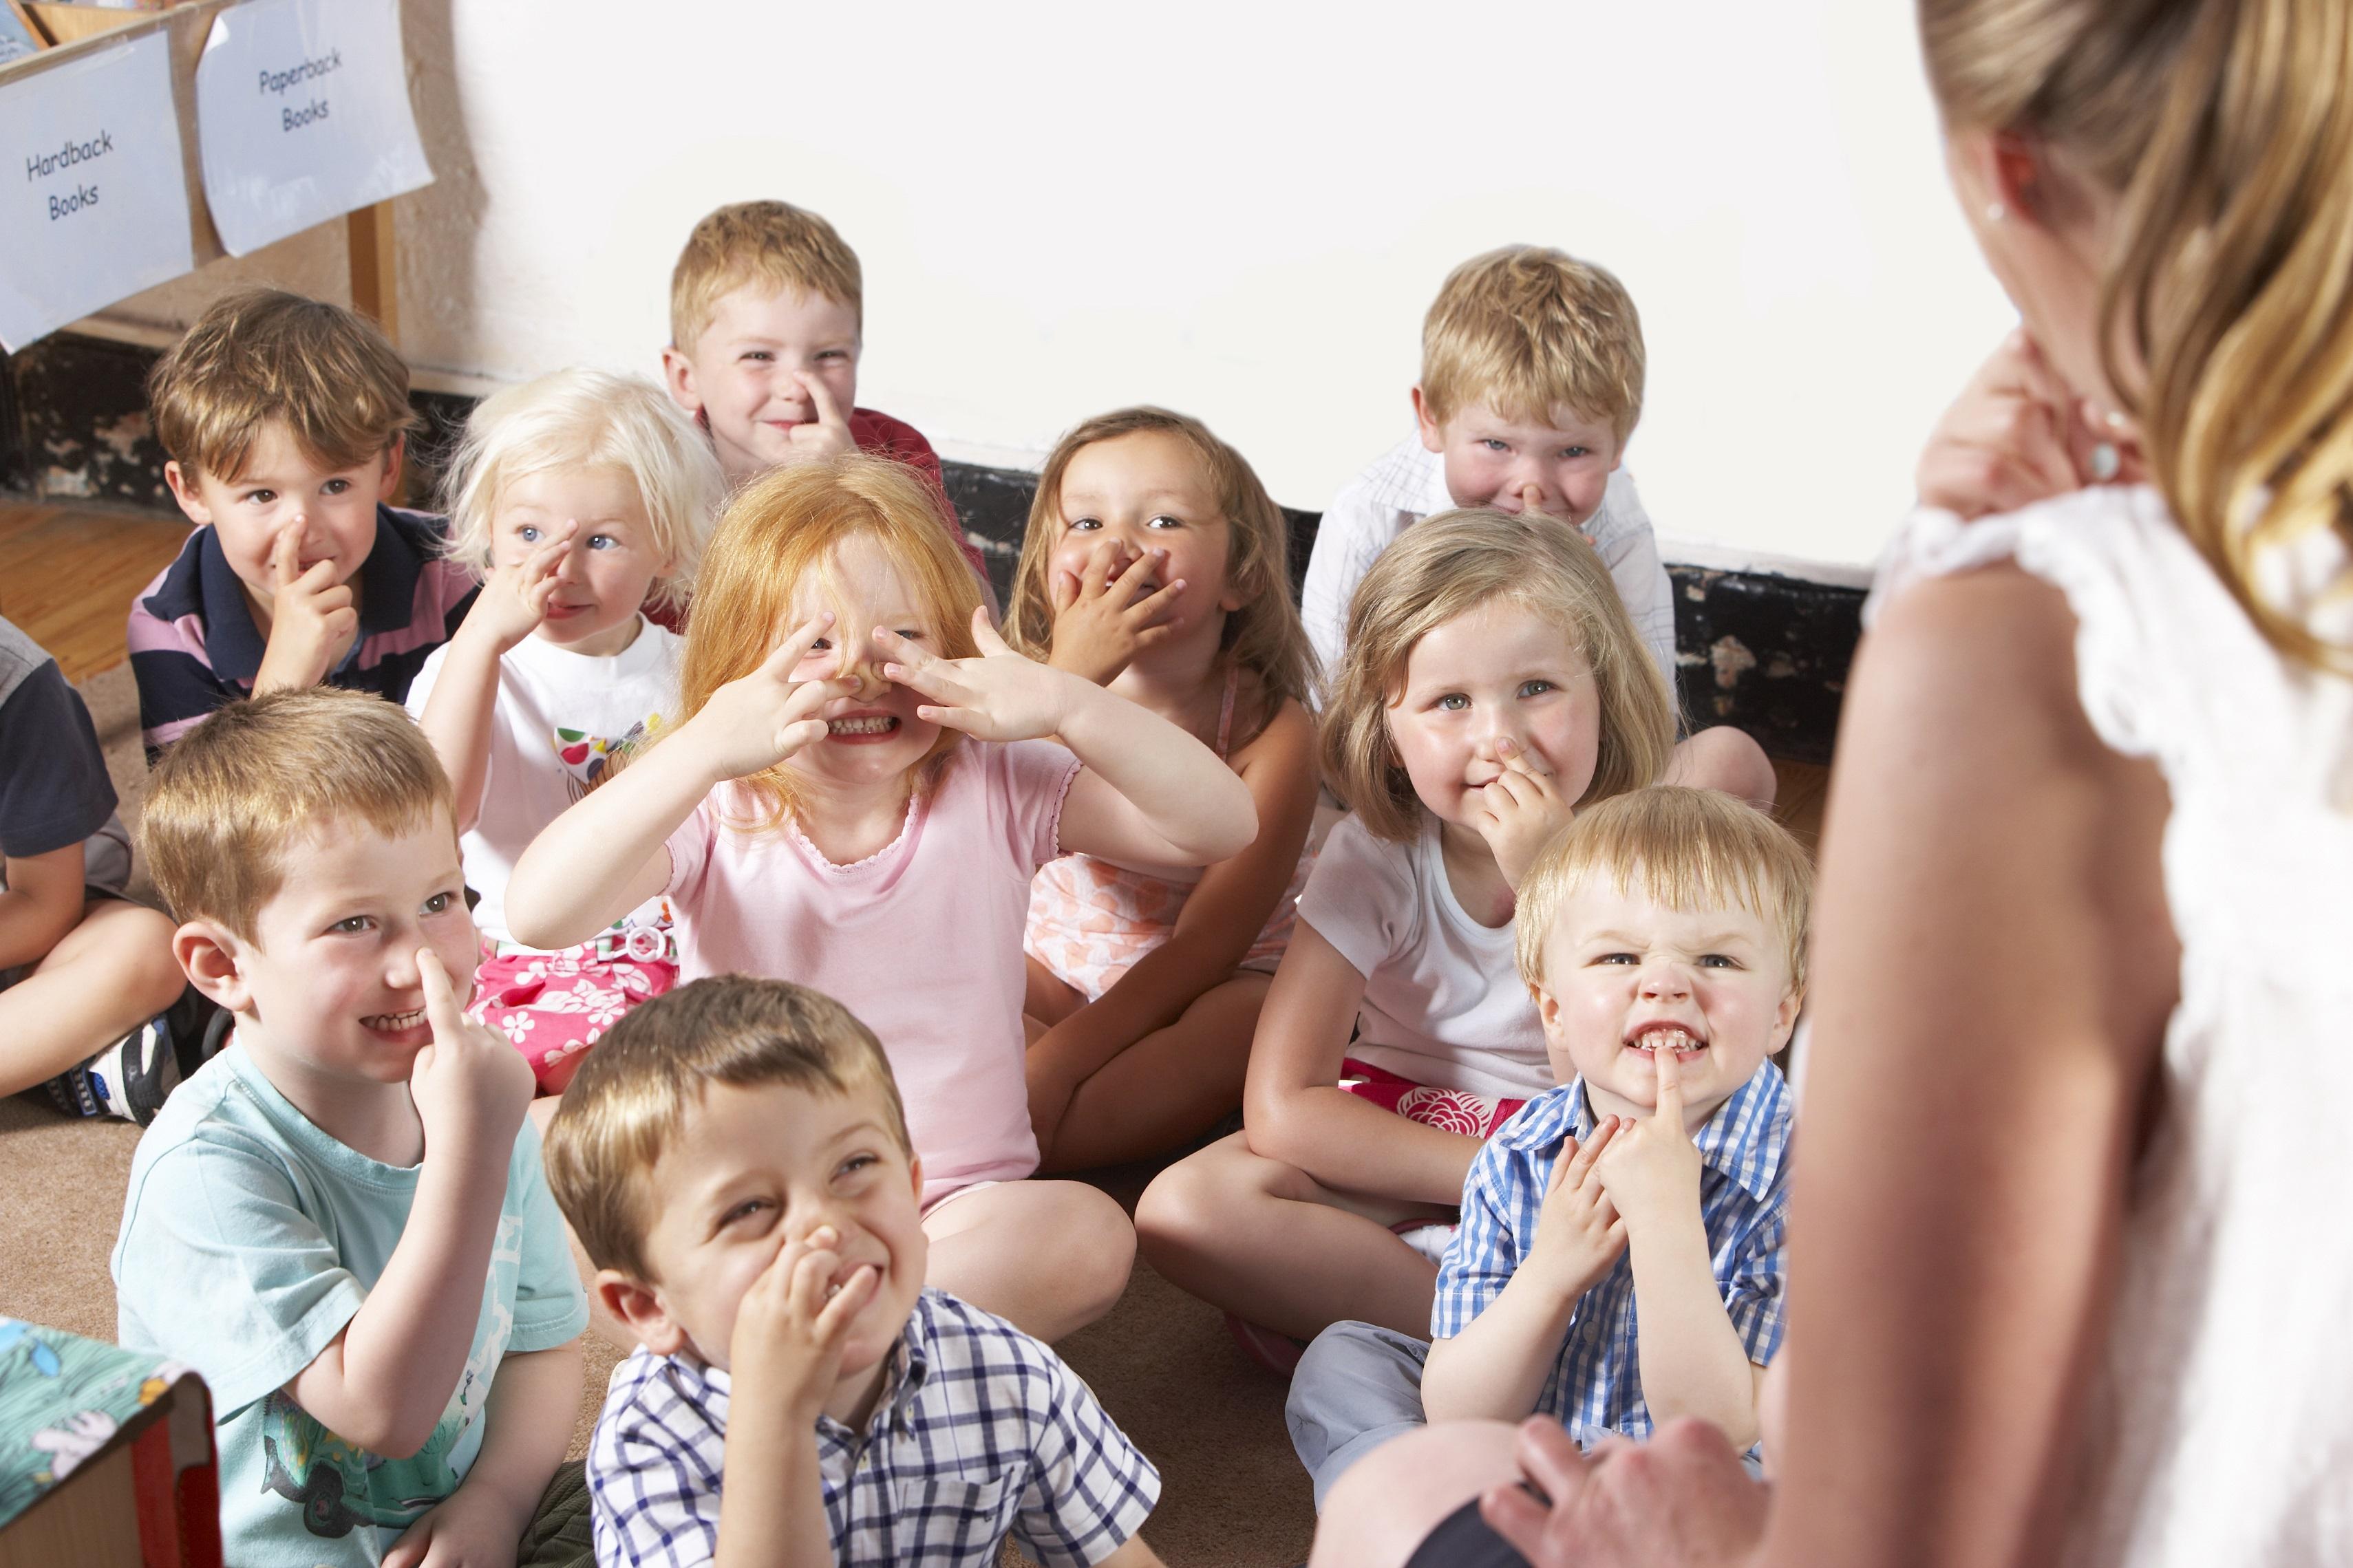 Gewaltfreie Kommunikation für Kinder in Bildungseinrichtungen